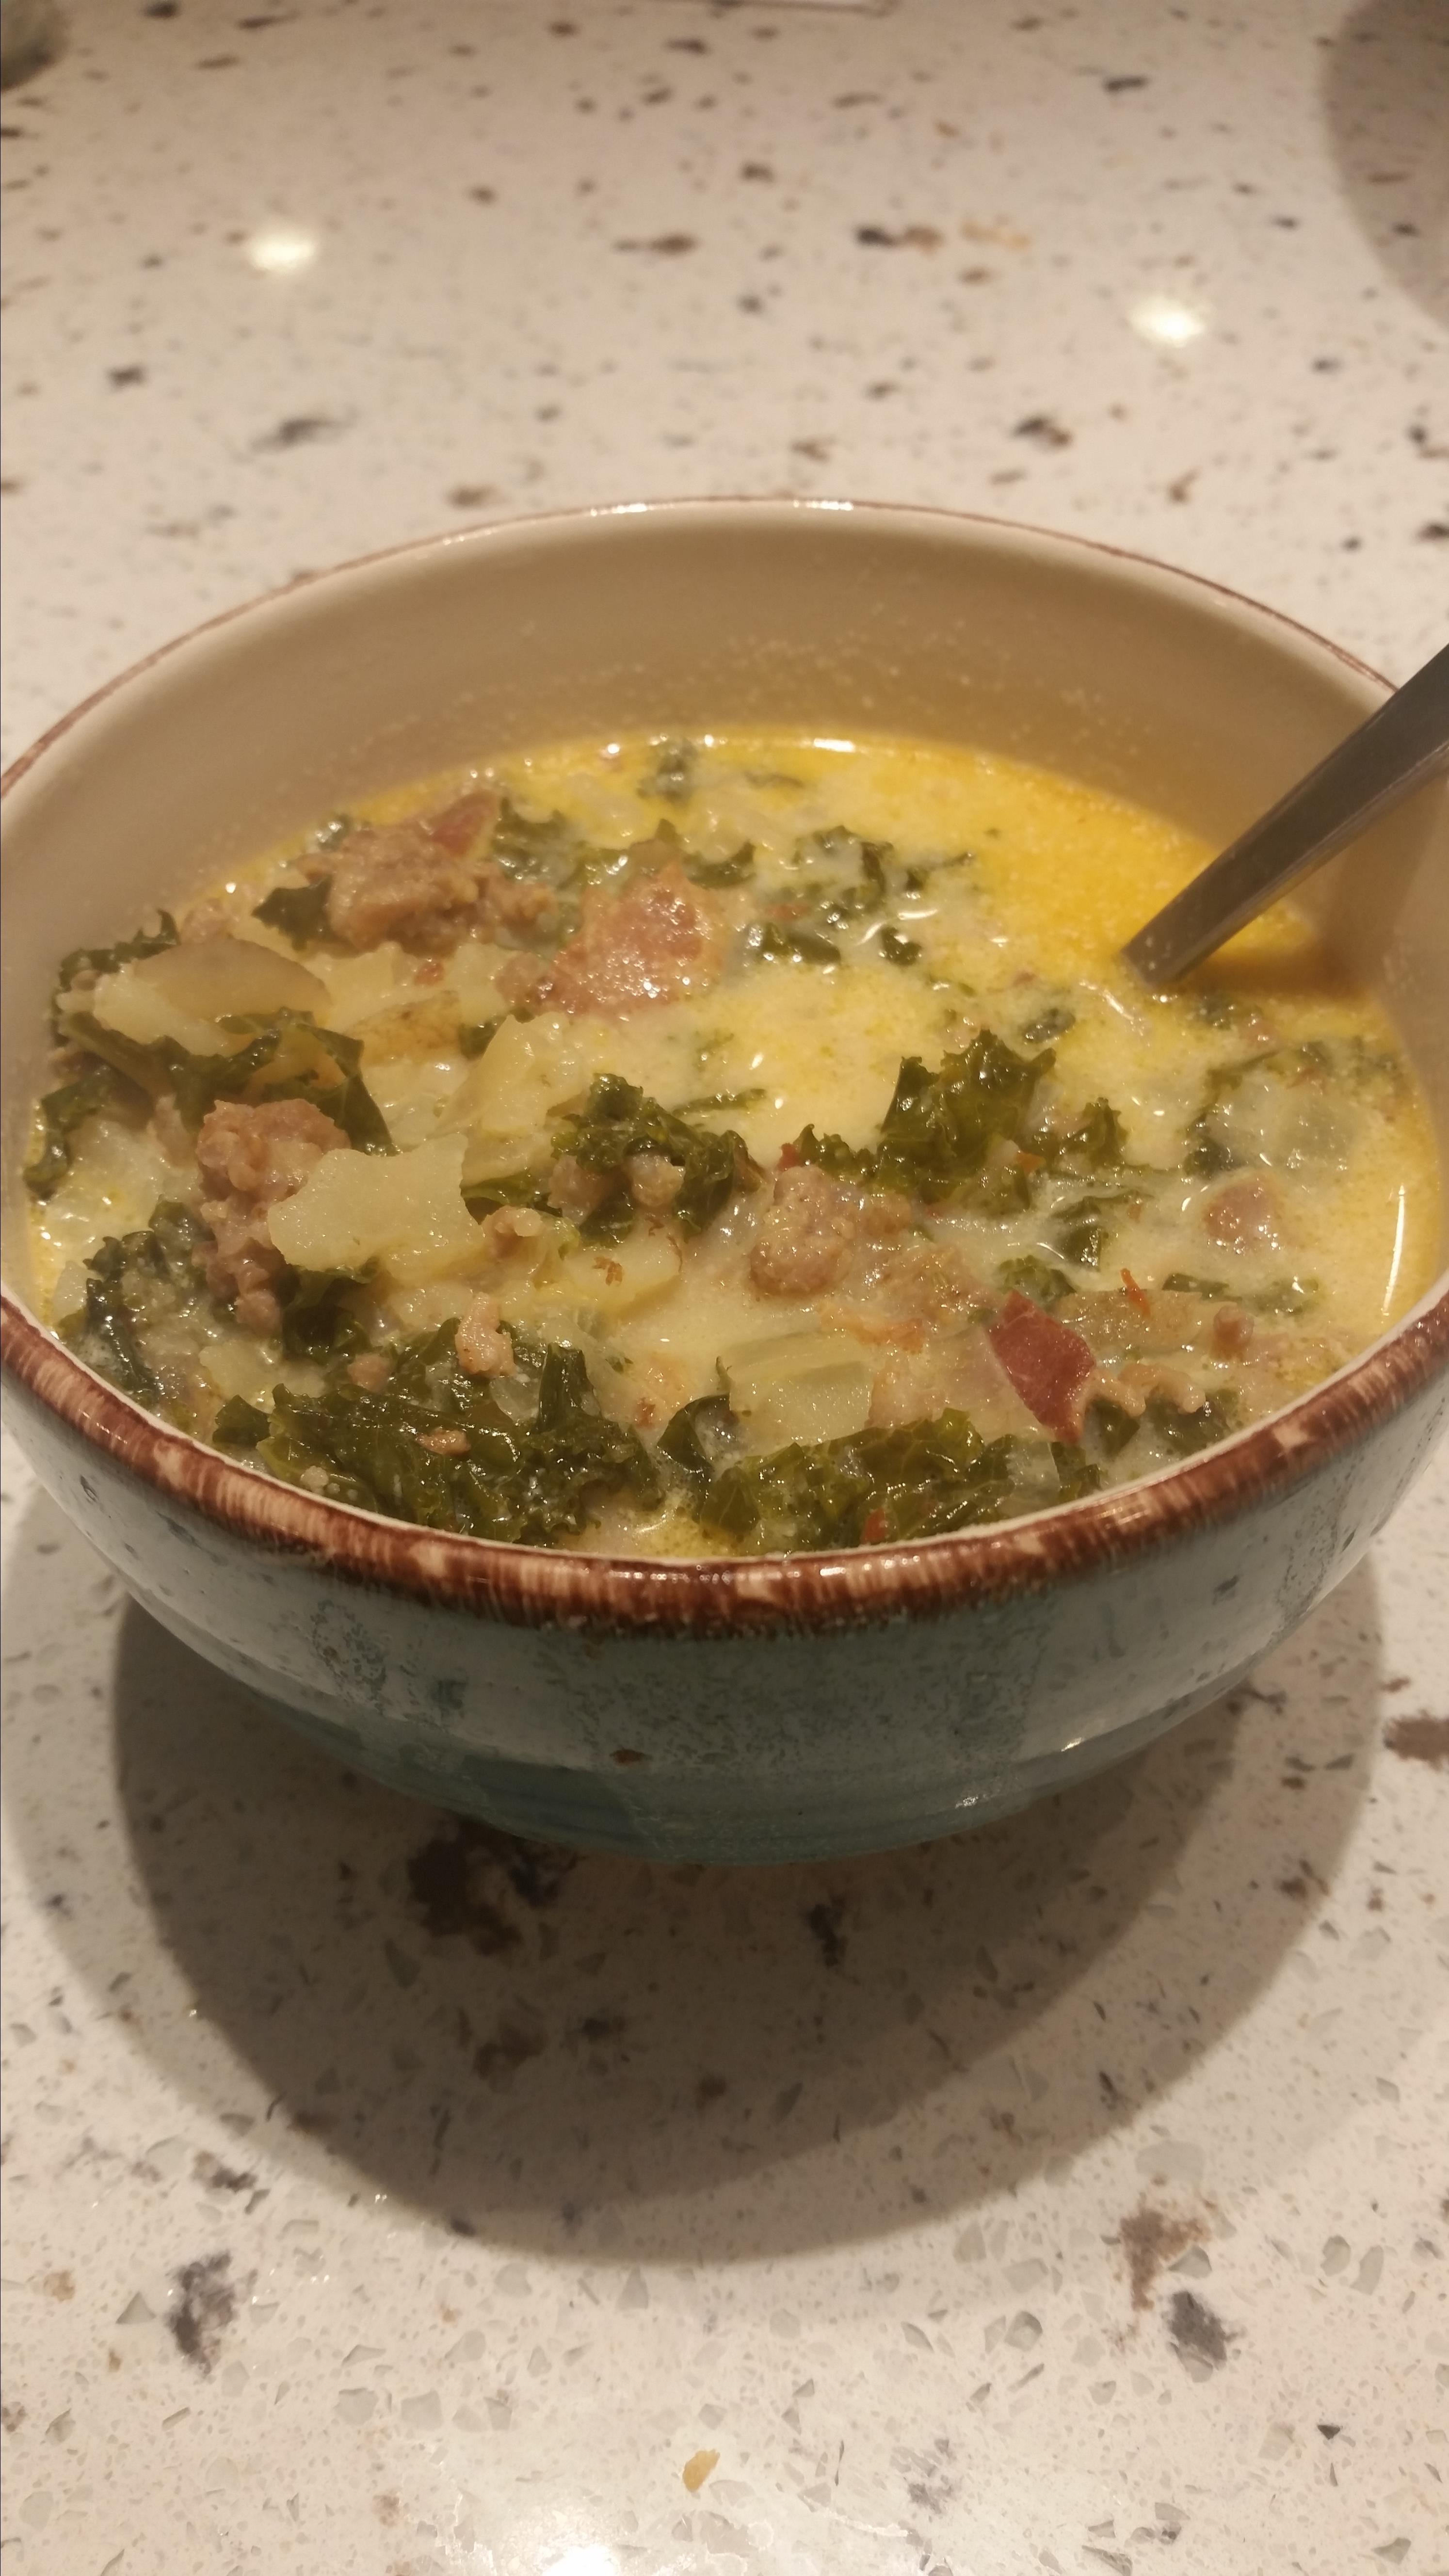 Quick Super-Delicious Zuppa Toscana